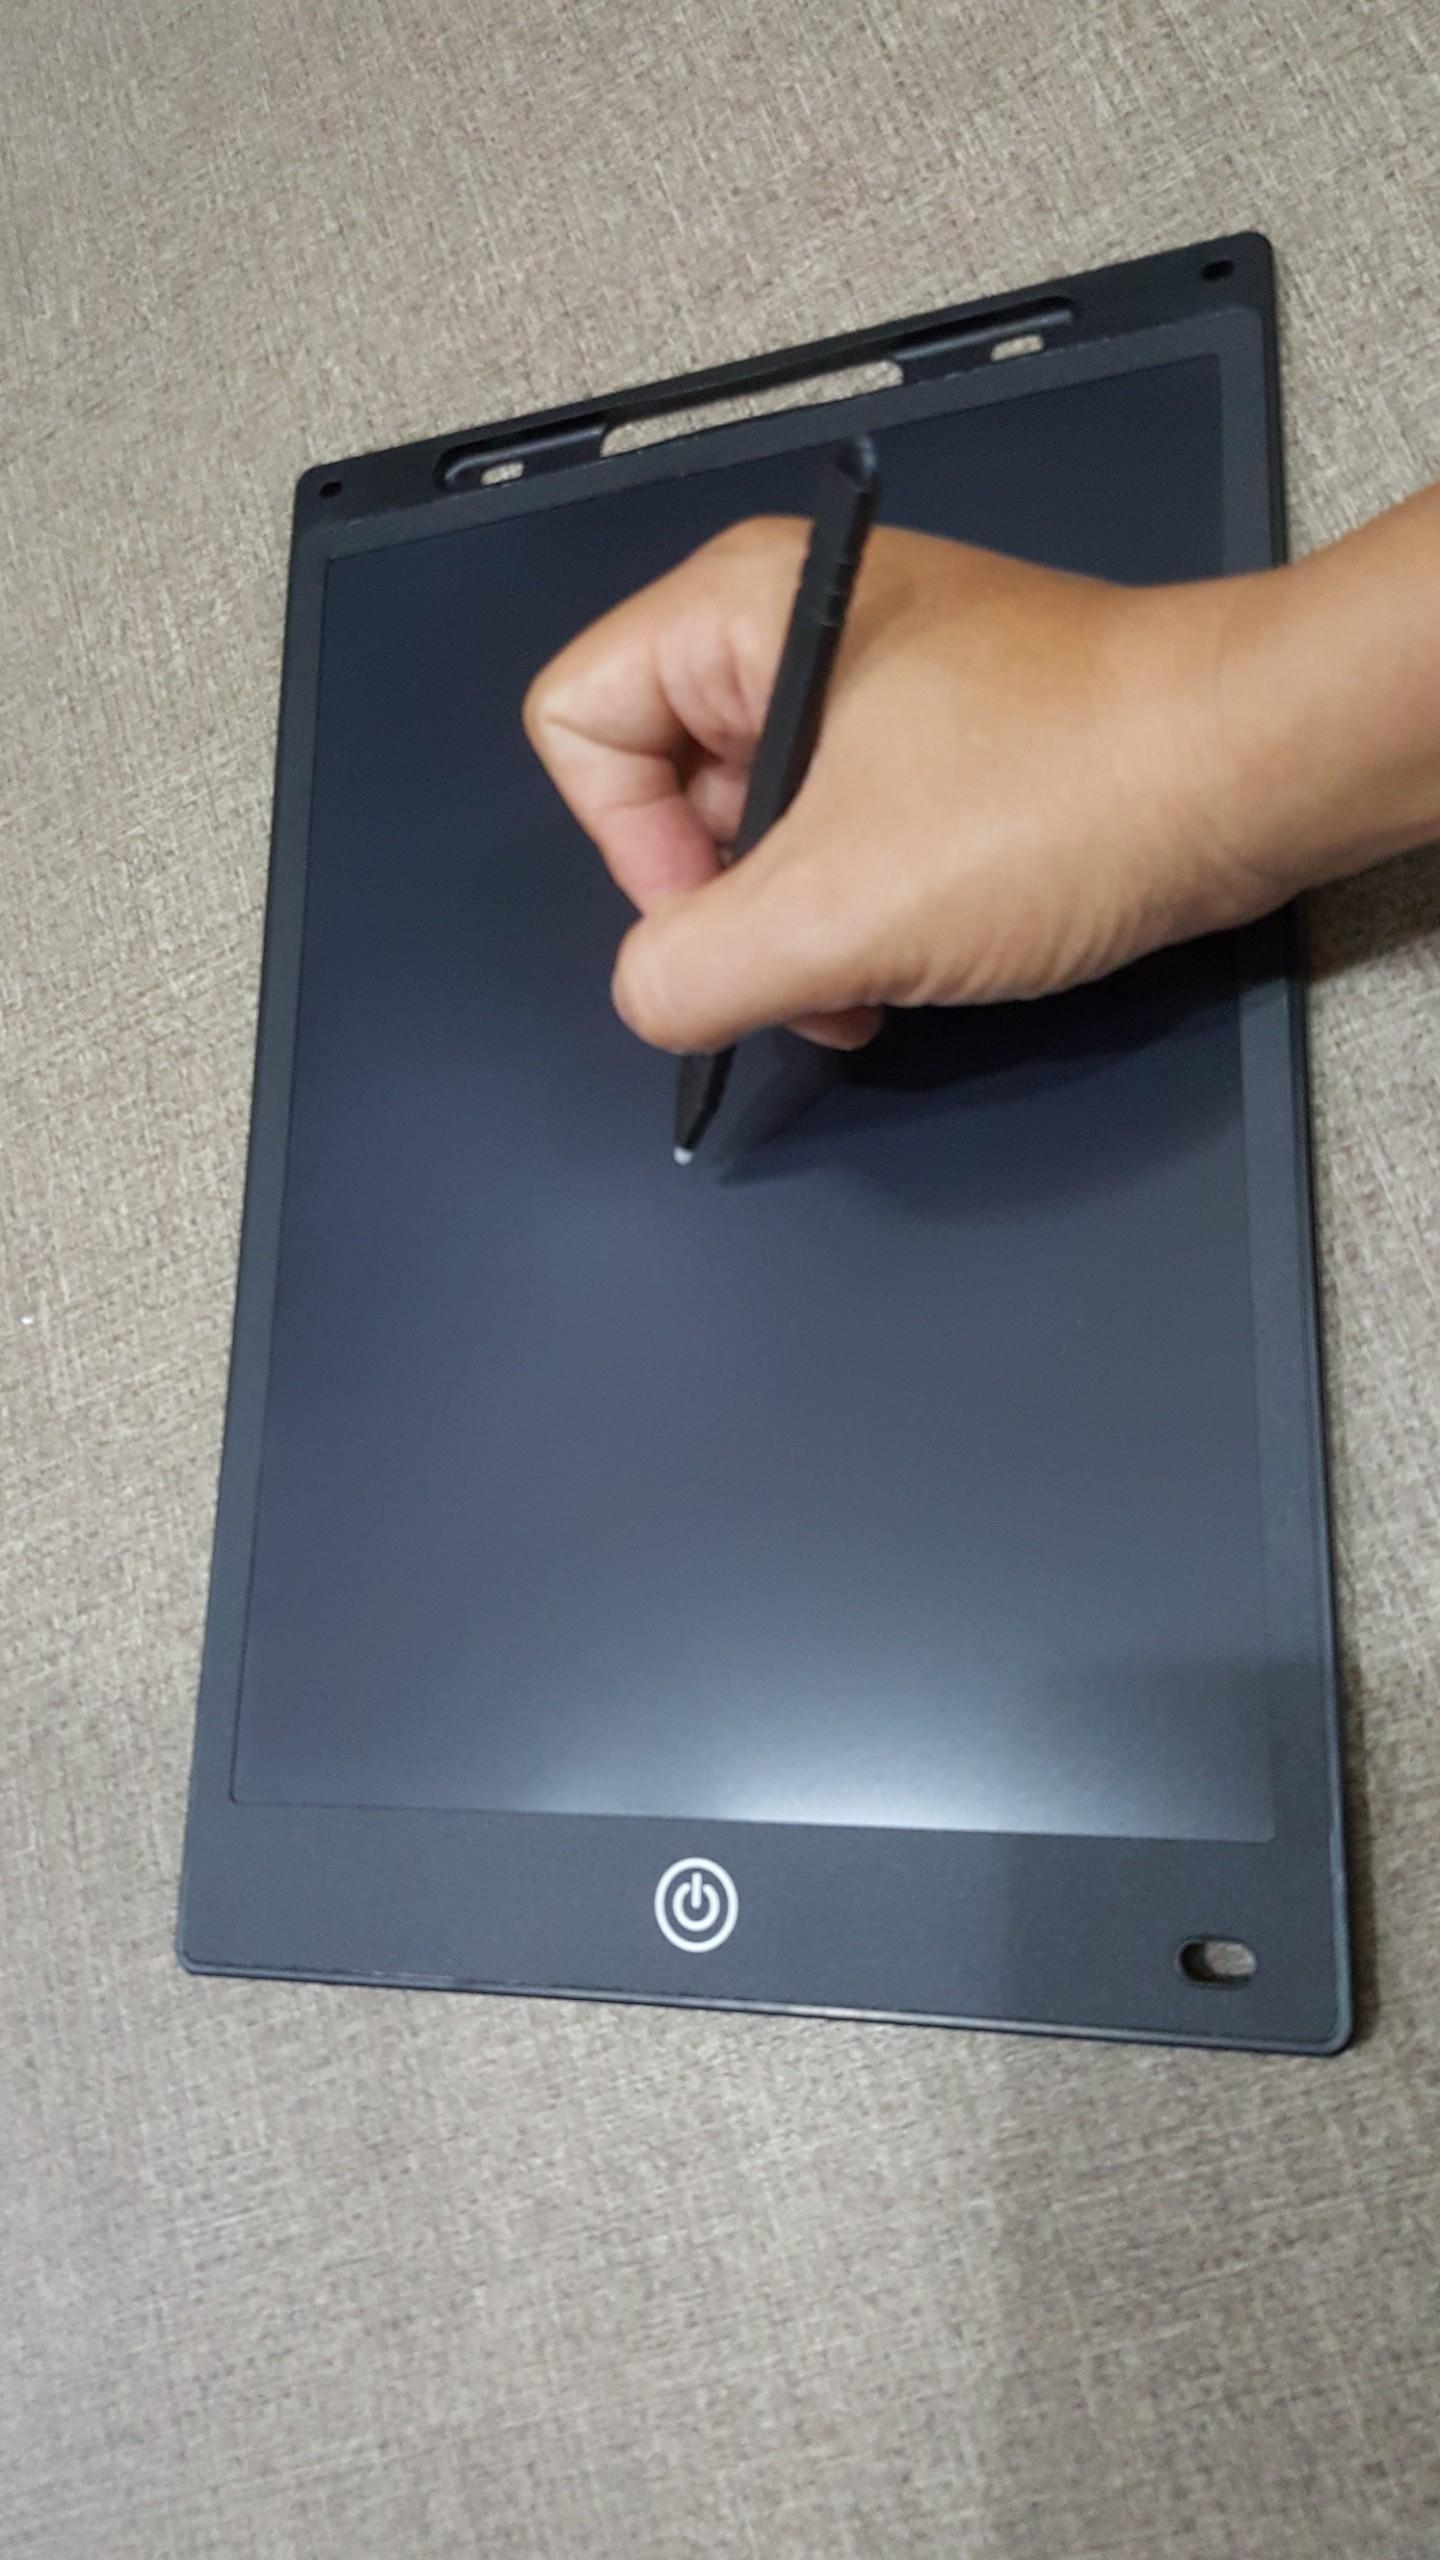 Bảng Vẽ Điện Tử Thông Minh Tự Xoá - Size 12 inch - Màu Đen